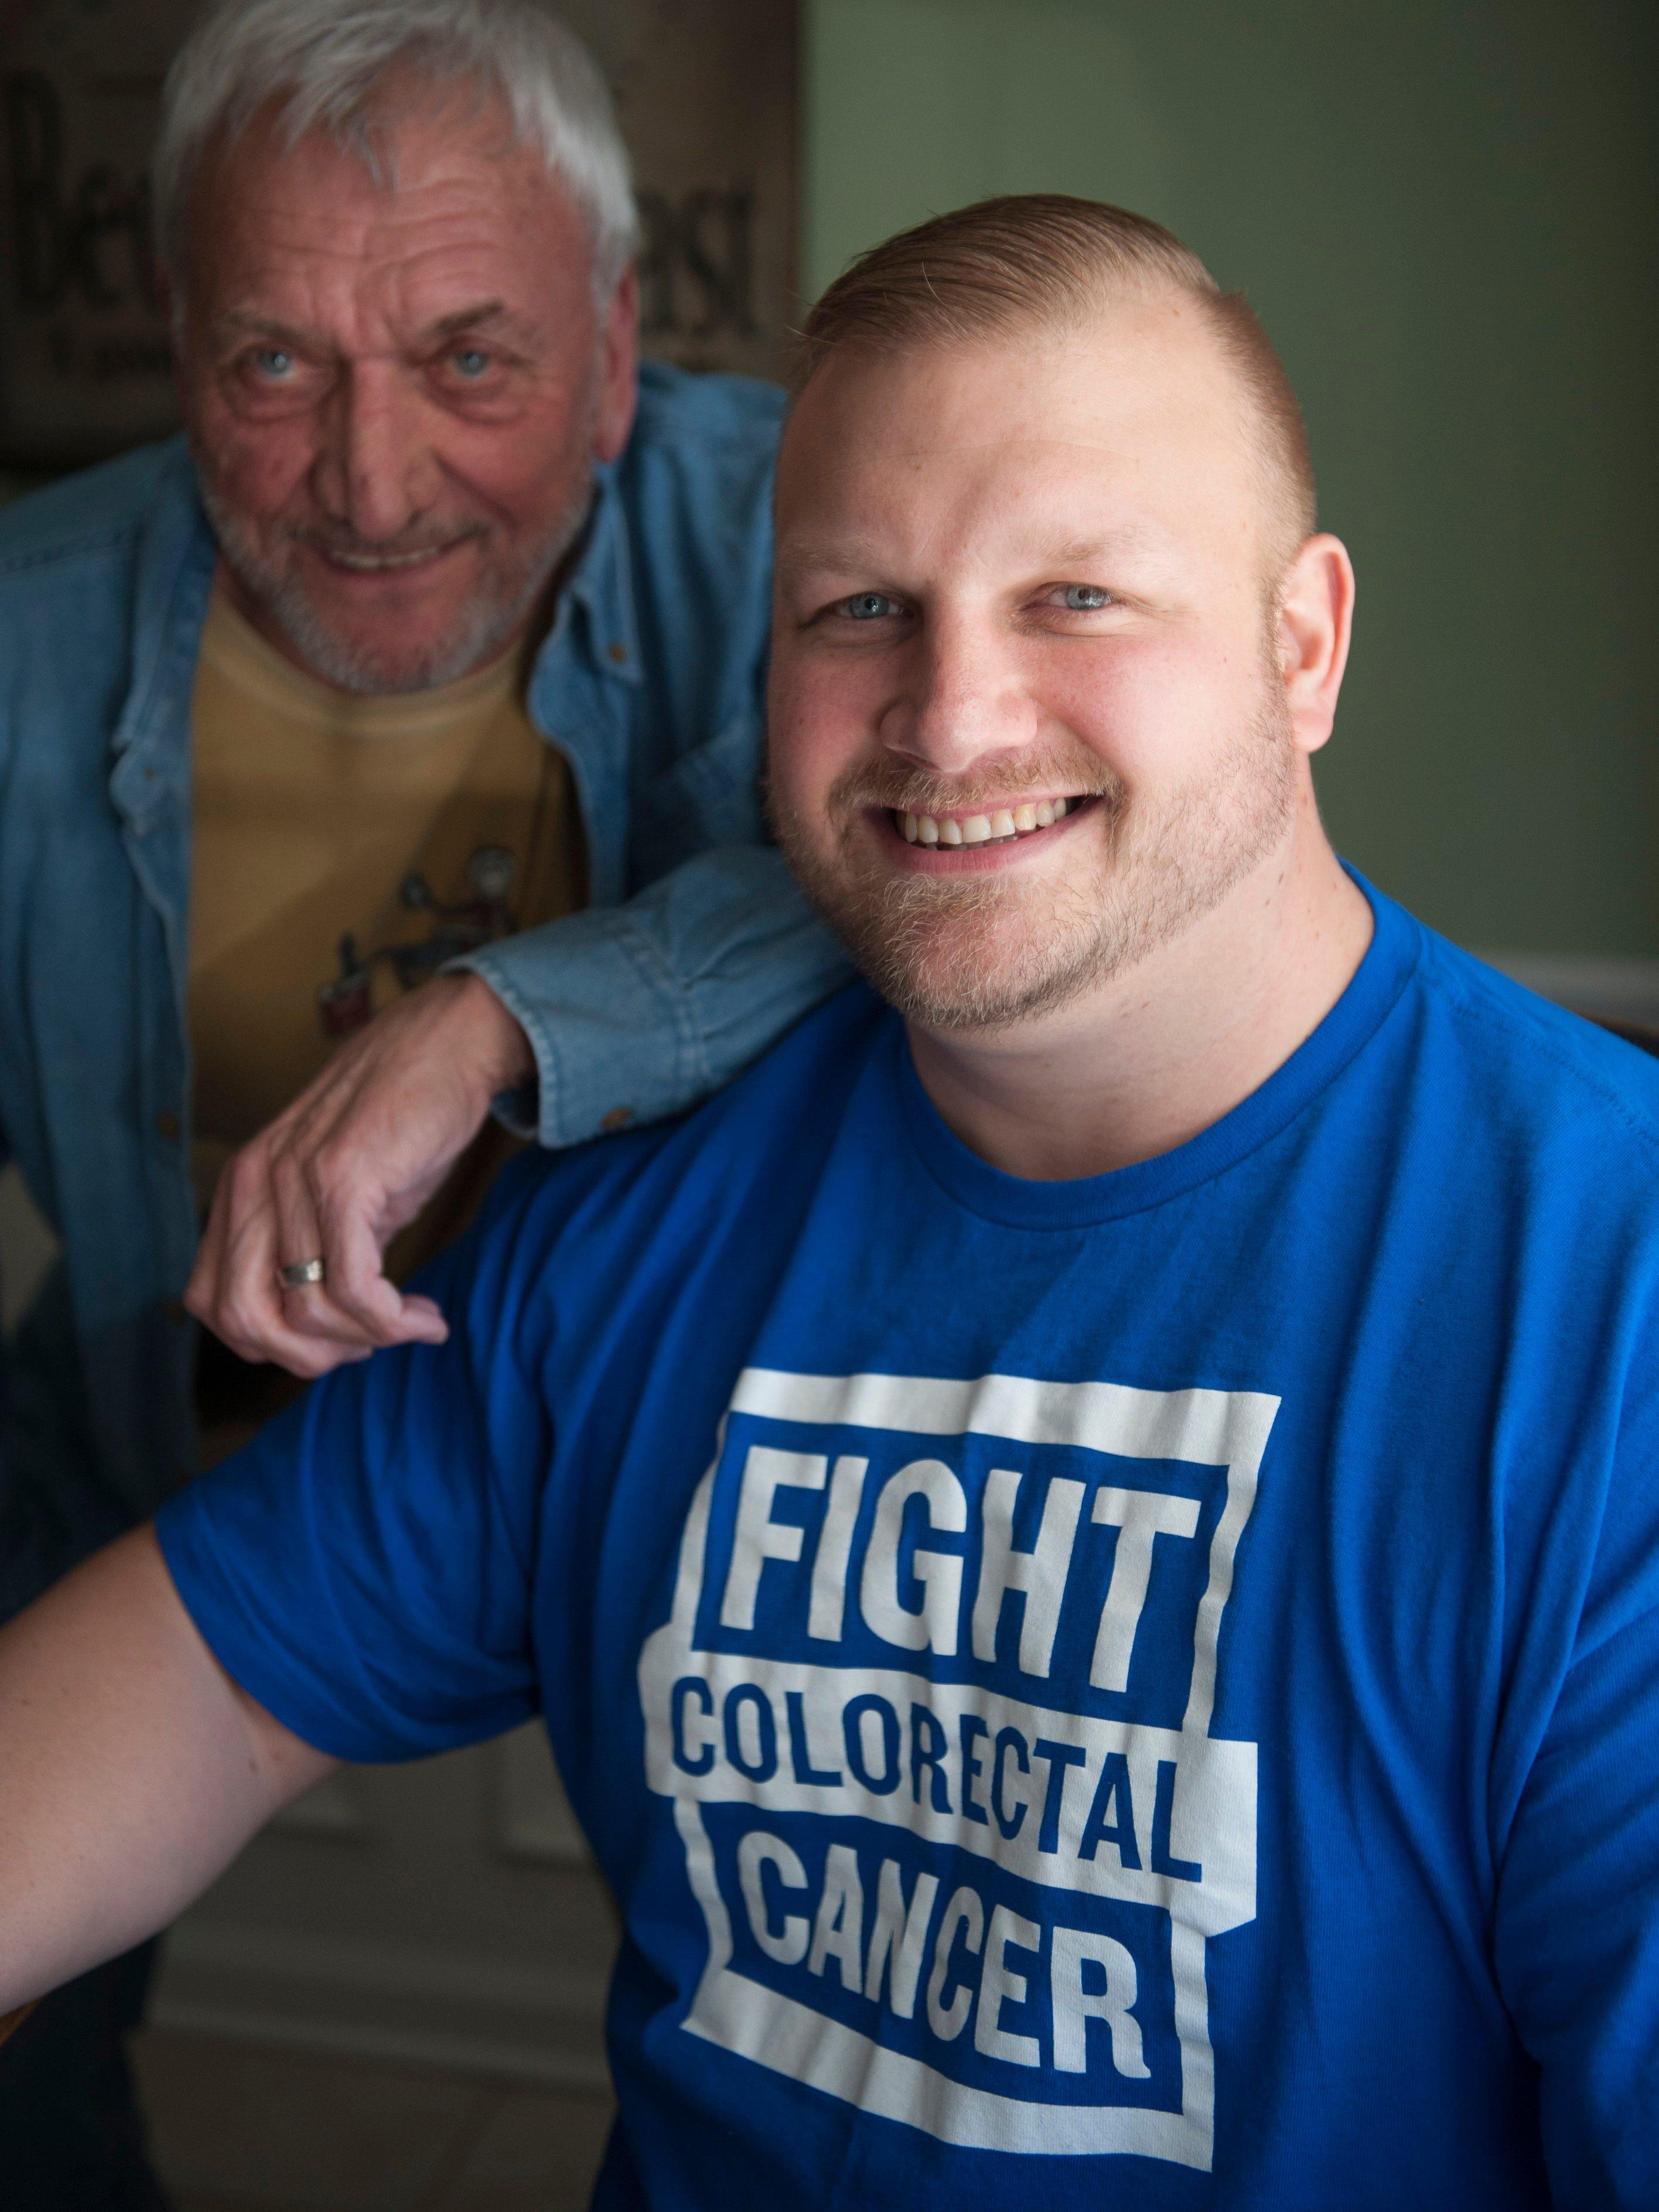 Rebuilding A Life After Colon Cancer Battle